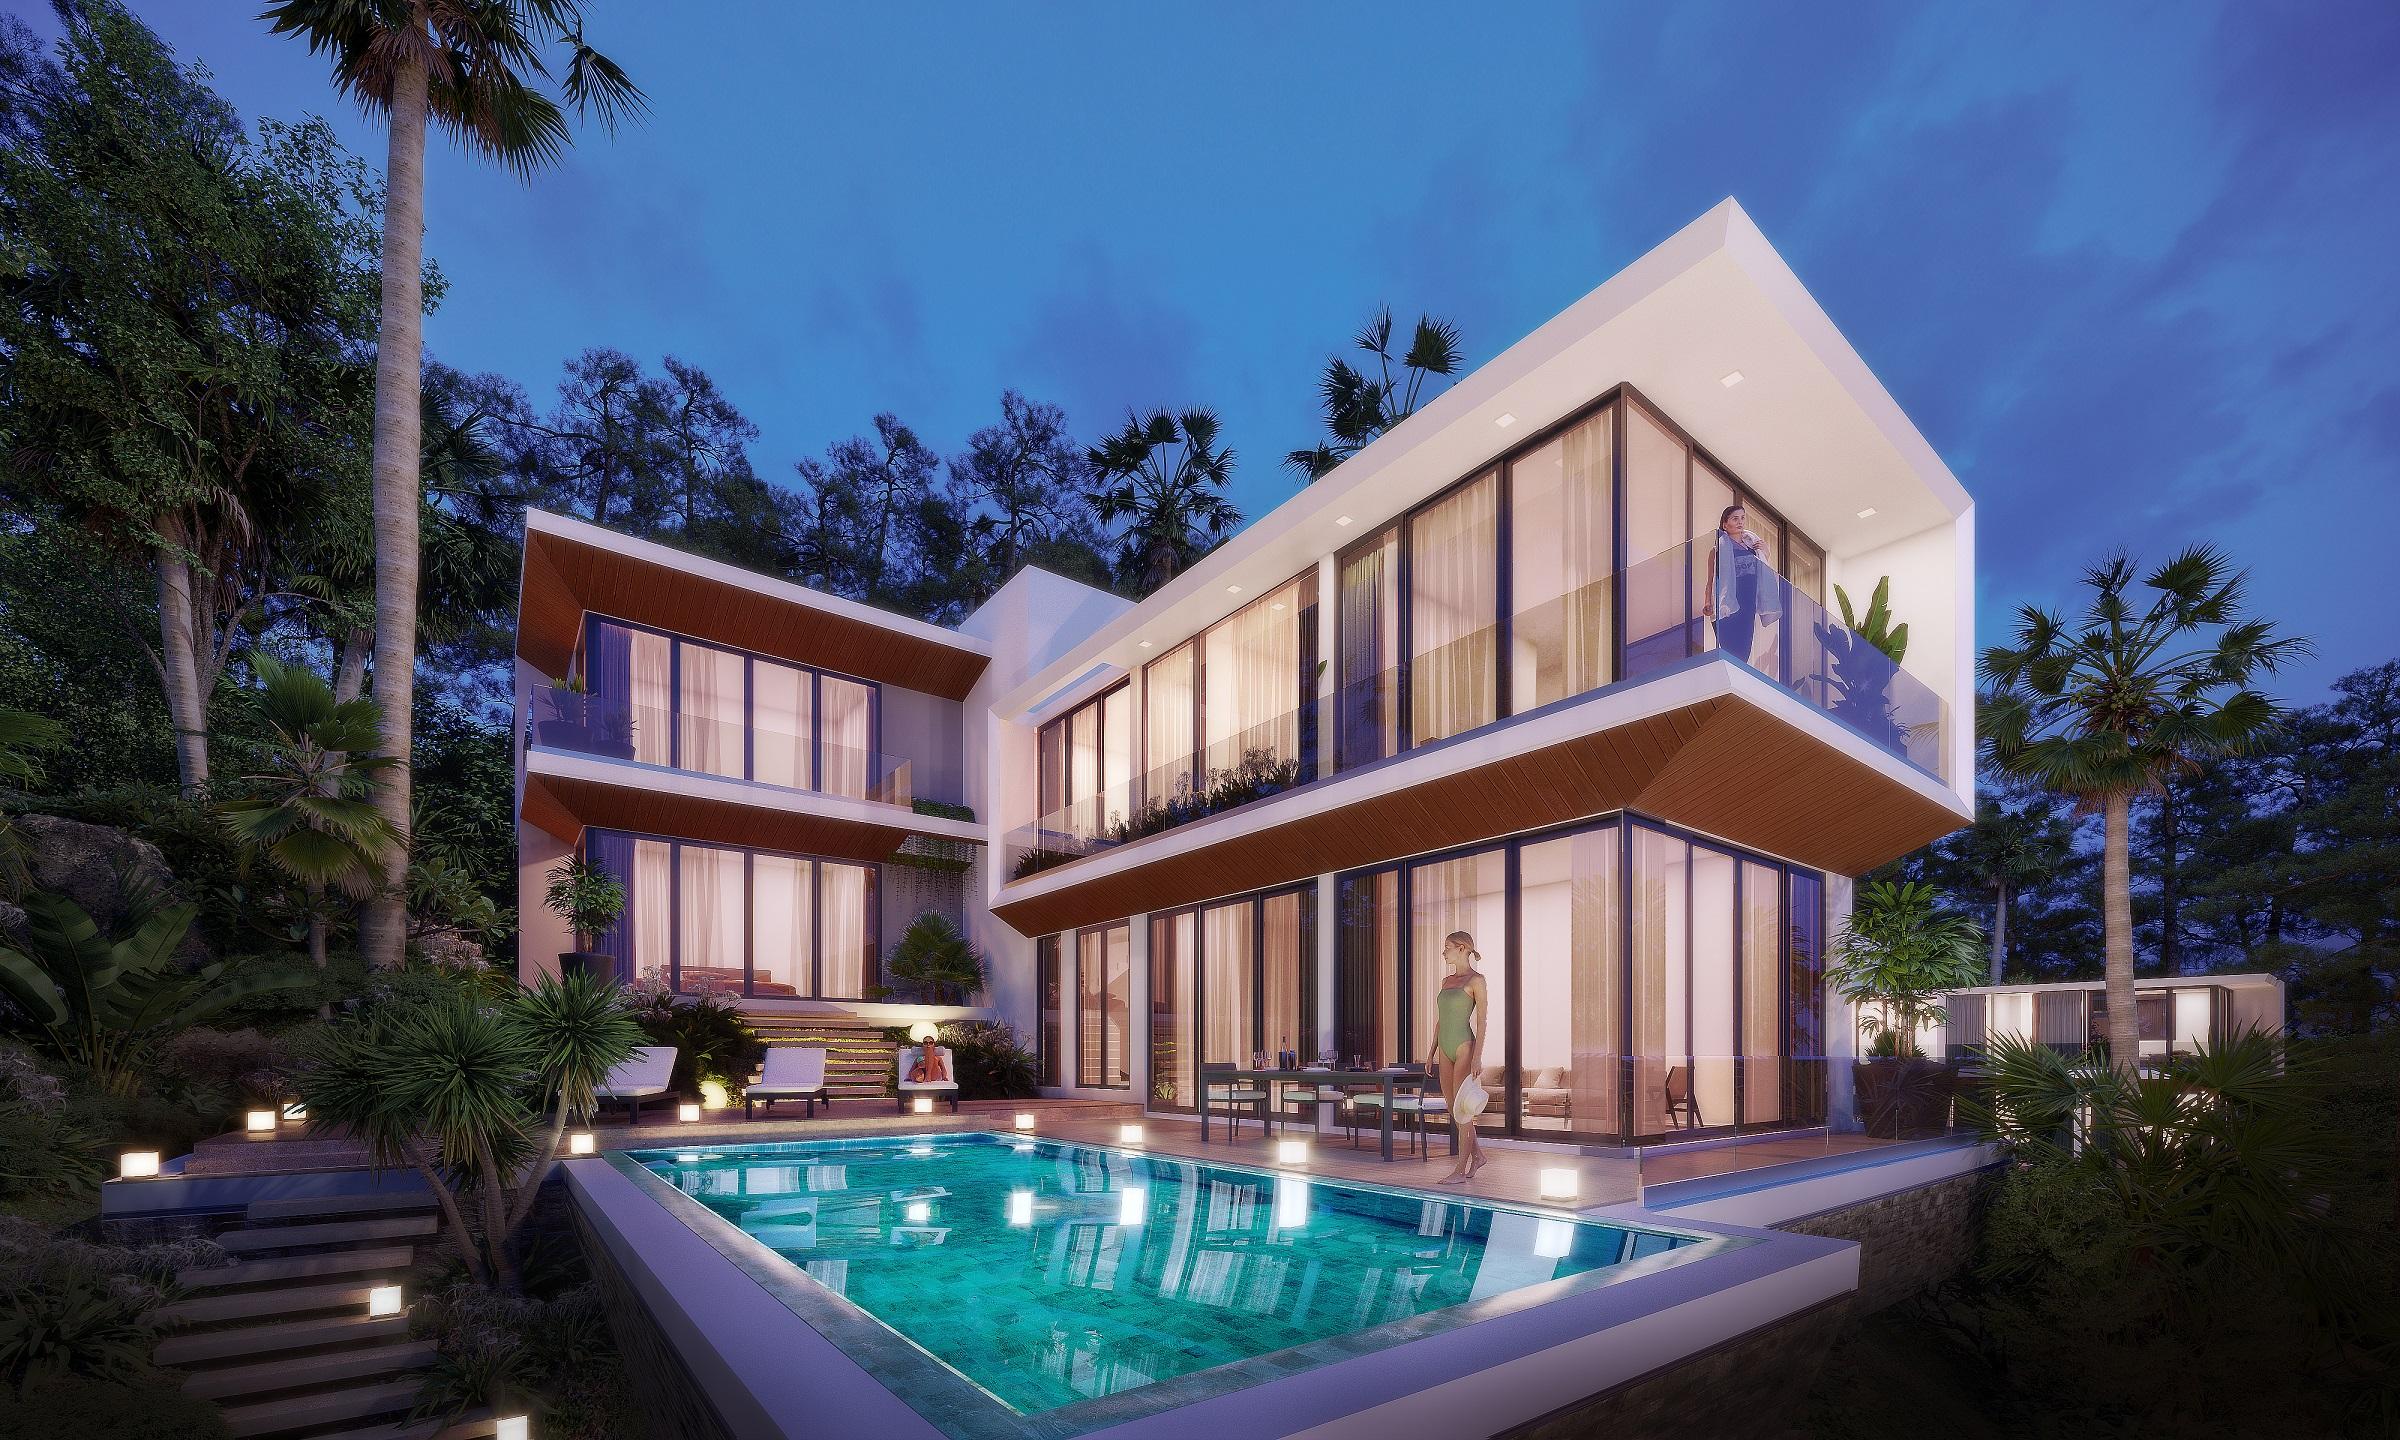 Biệt thự Casa Marina Premium Quy Nhơn được xem là kết tinh từ danh tiếng của hàng loạt đơn vị trong nước và quốc tế. Ảnh phối cảnh: BCG Land.